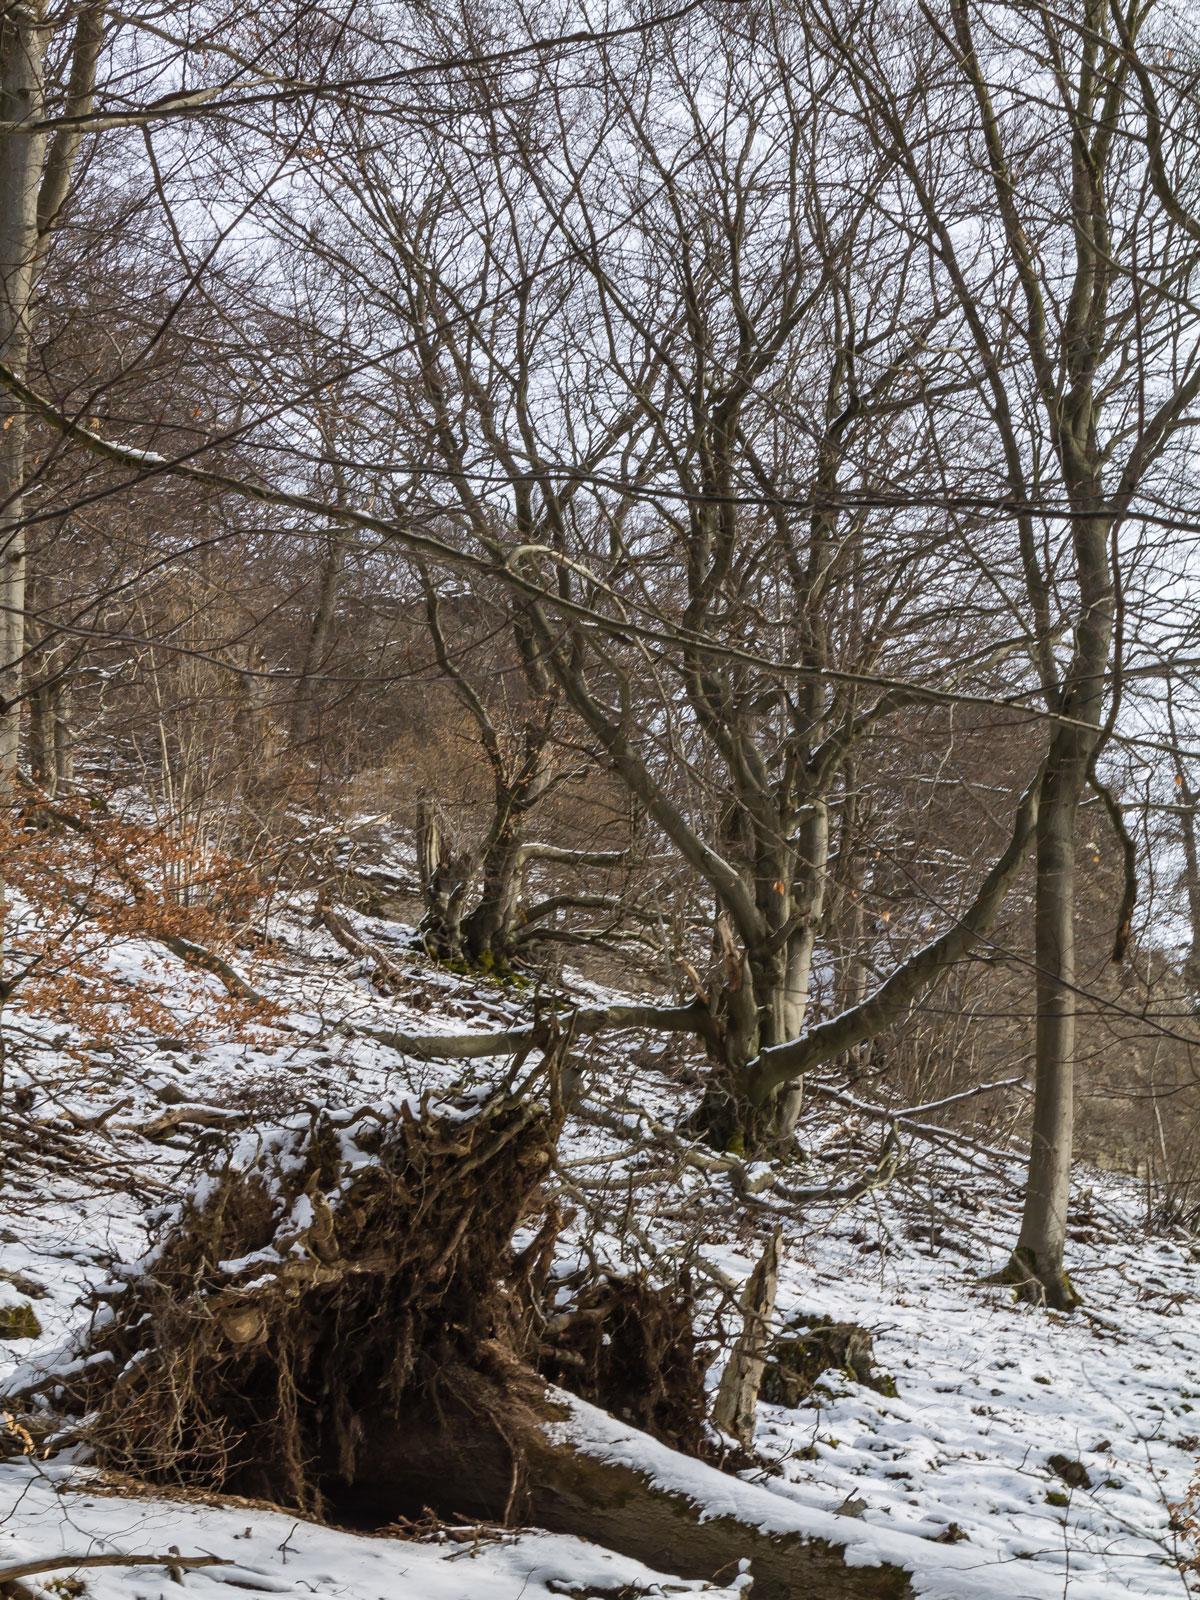 zwei knorrige Buchen hinter einem liegenden Biotopbaum